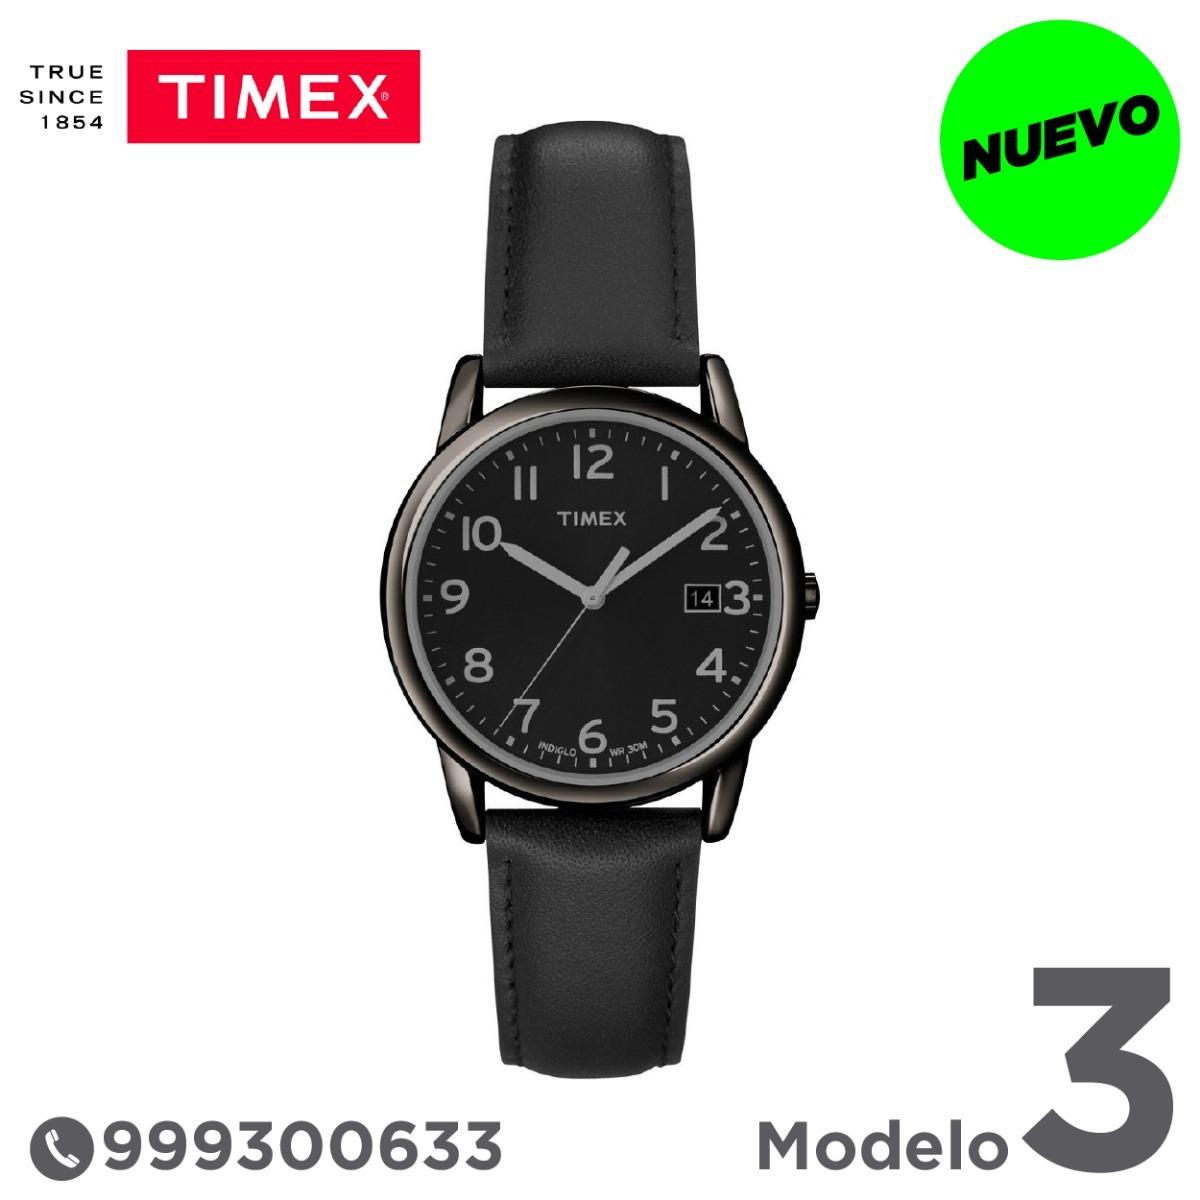 06b1d8240b8b reloj timex hombre 100% original nuevo certificado auténtico. Cargando zoom.